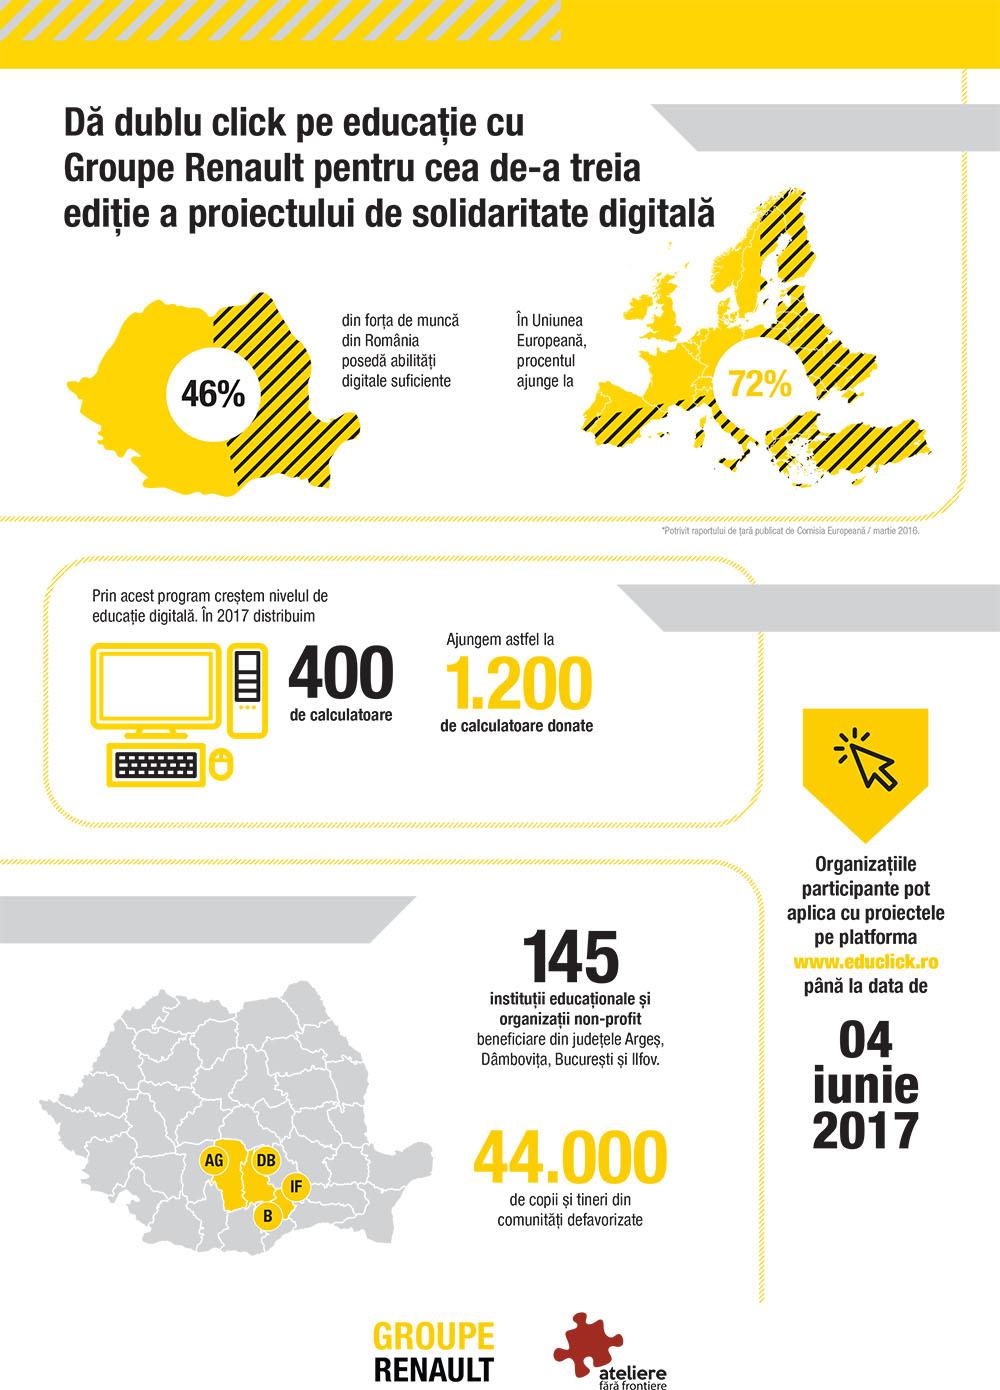 Infografic Dublu click pe educatie - donații de calculatoare